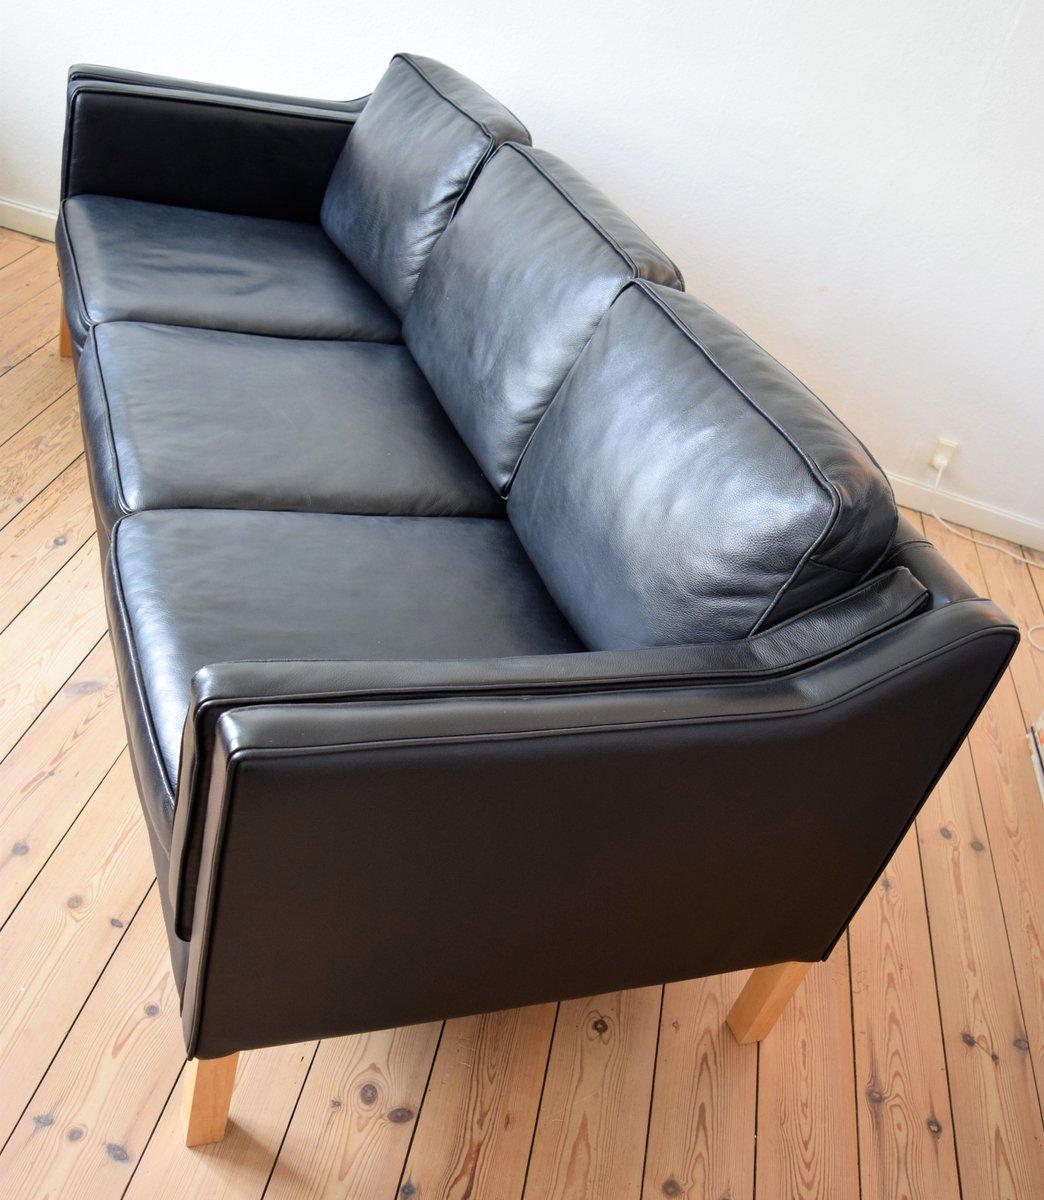 schwarzes 3 sitzer ledersofa von b rge mogensen 1960er. Black Bedroom Furniture Sets. Home Design Ideas